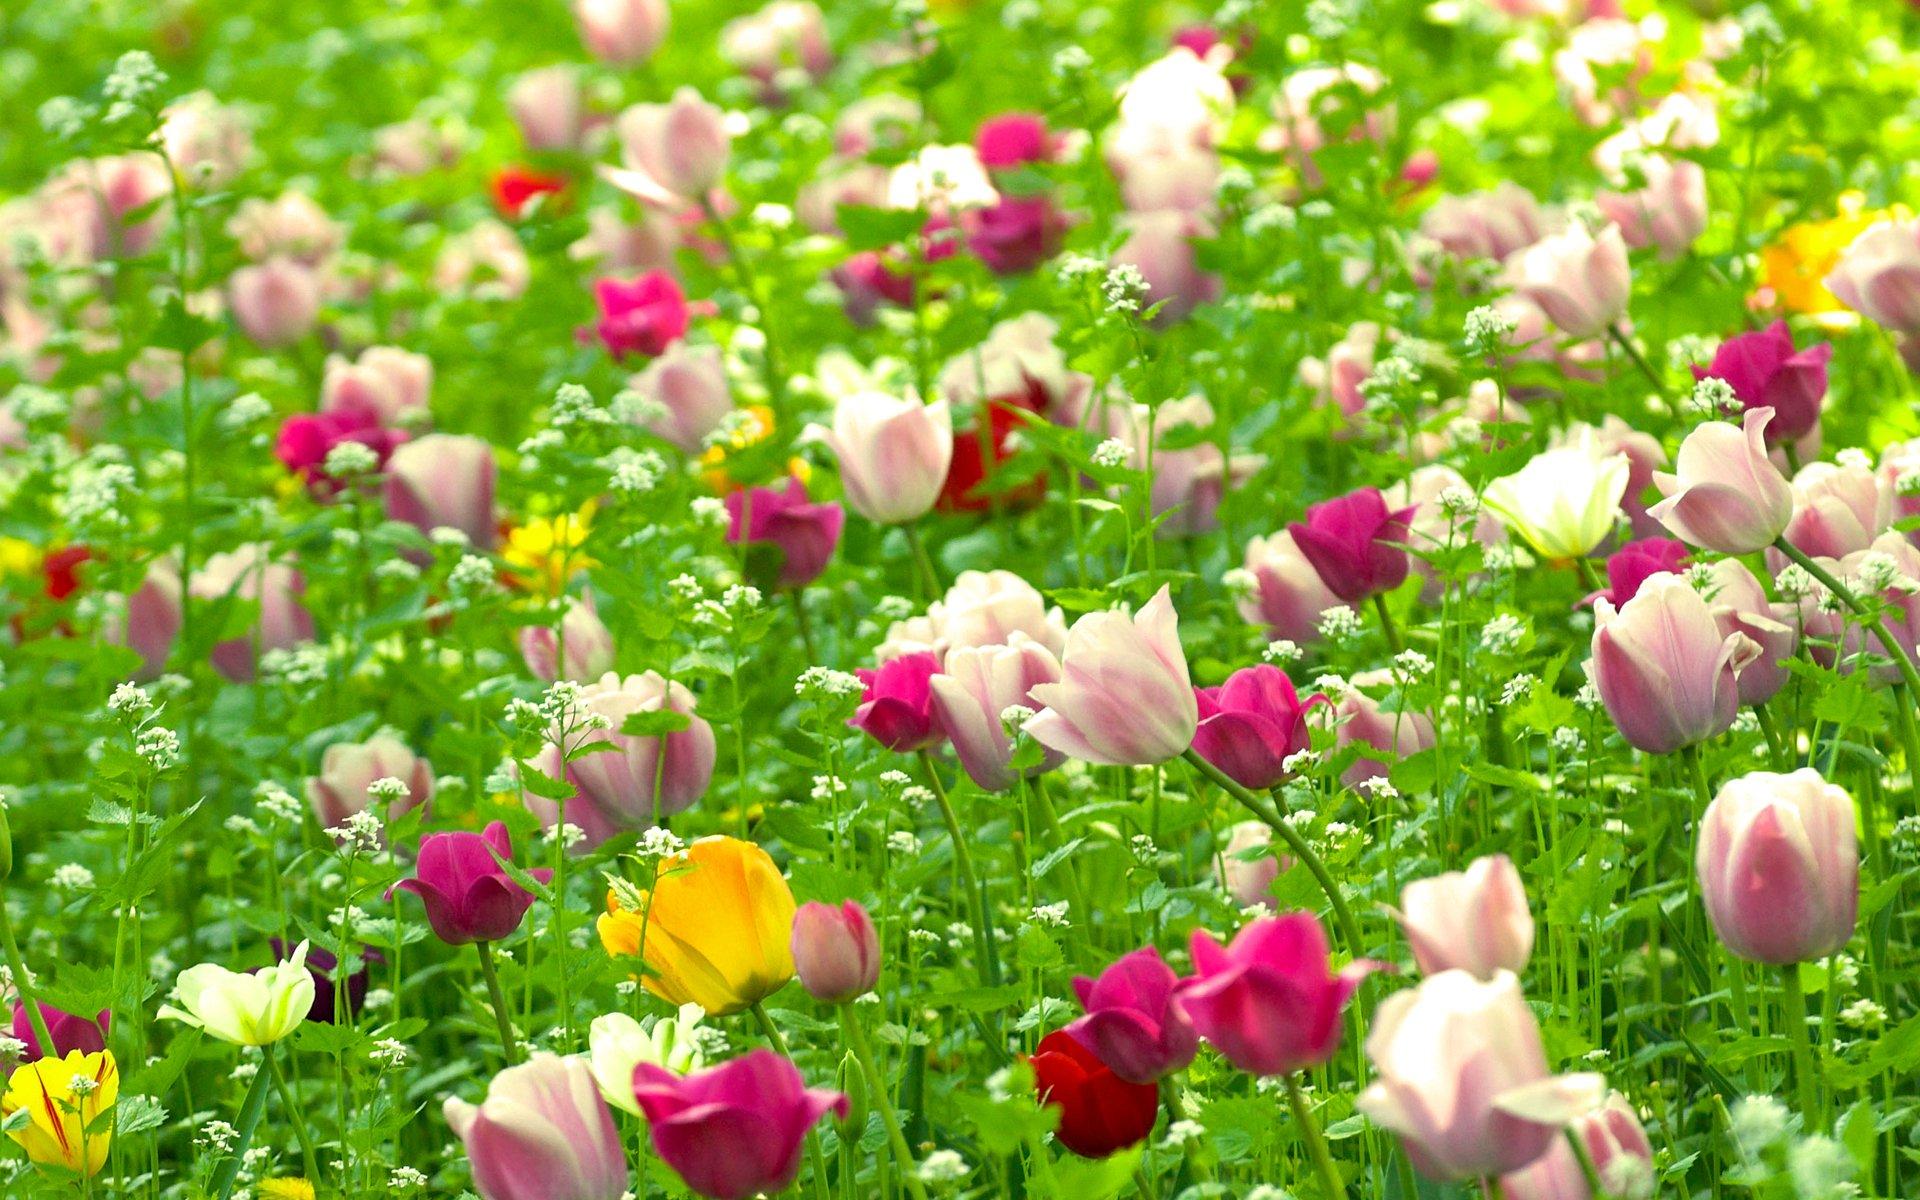 обои на рабочий стол весна лето цветы общем